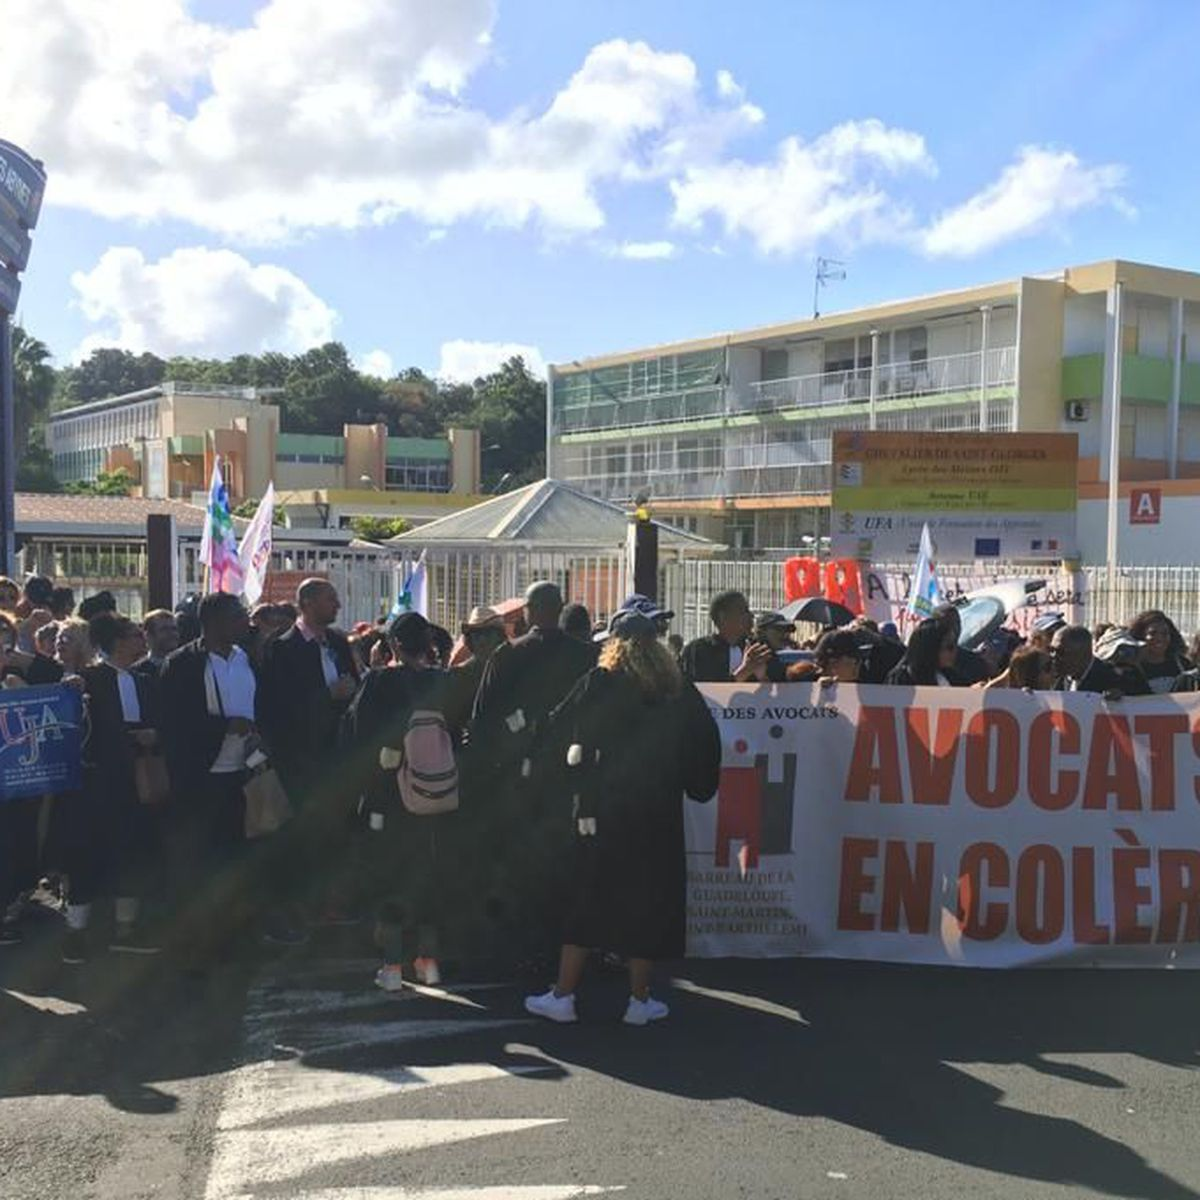 Les principales organisations syndicales de la Guadeloupe main dans la main pour la défense des conditions de travail, de l'emploi et des droits des travailleurs